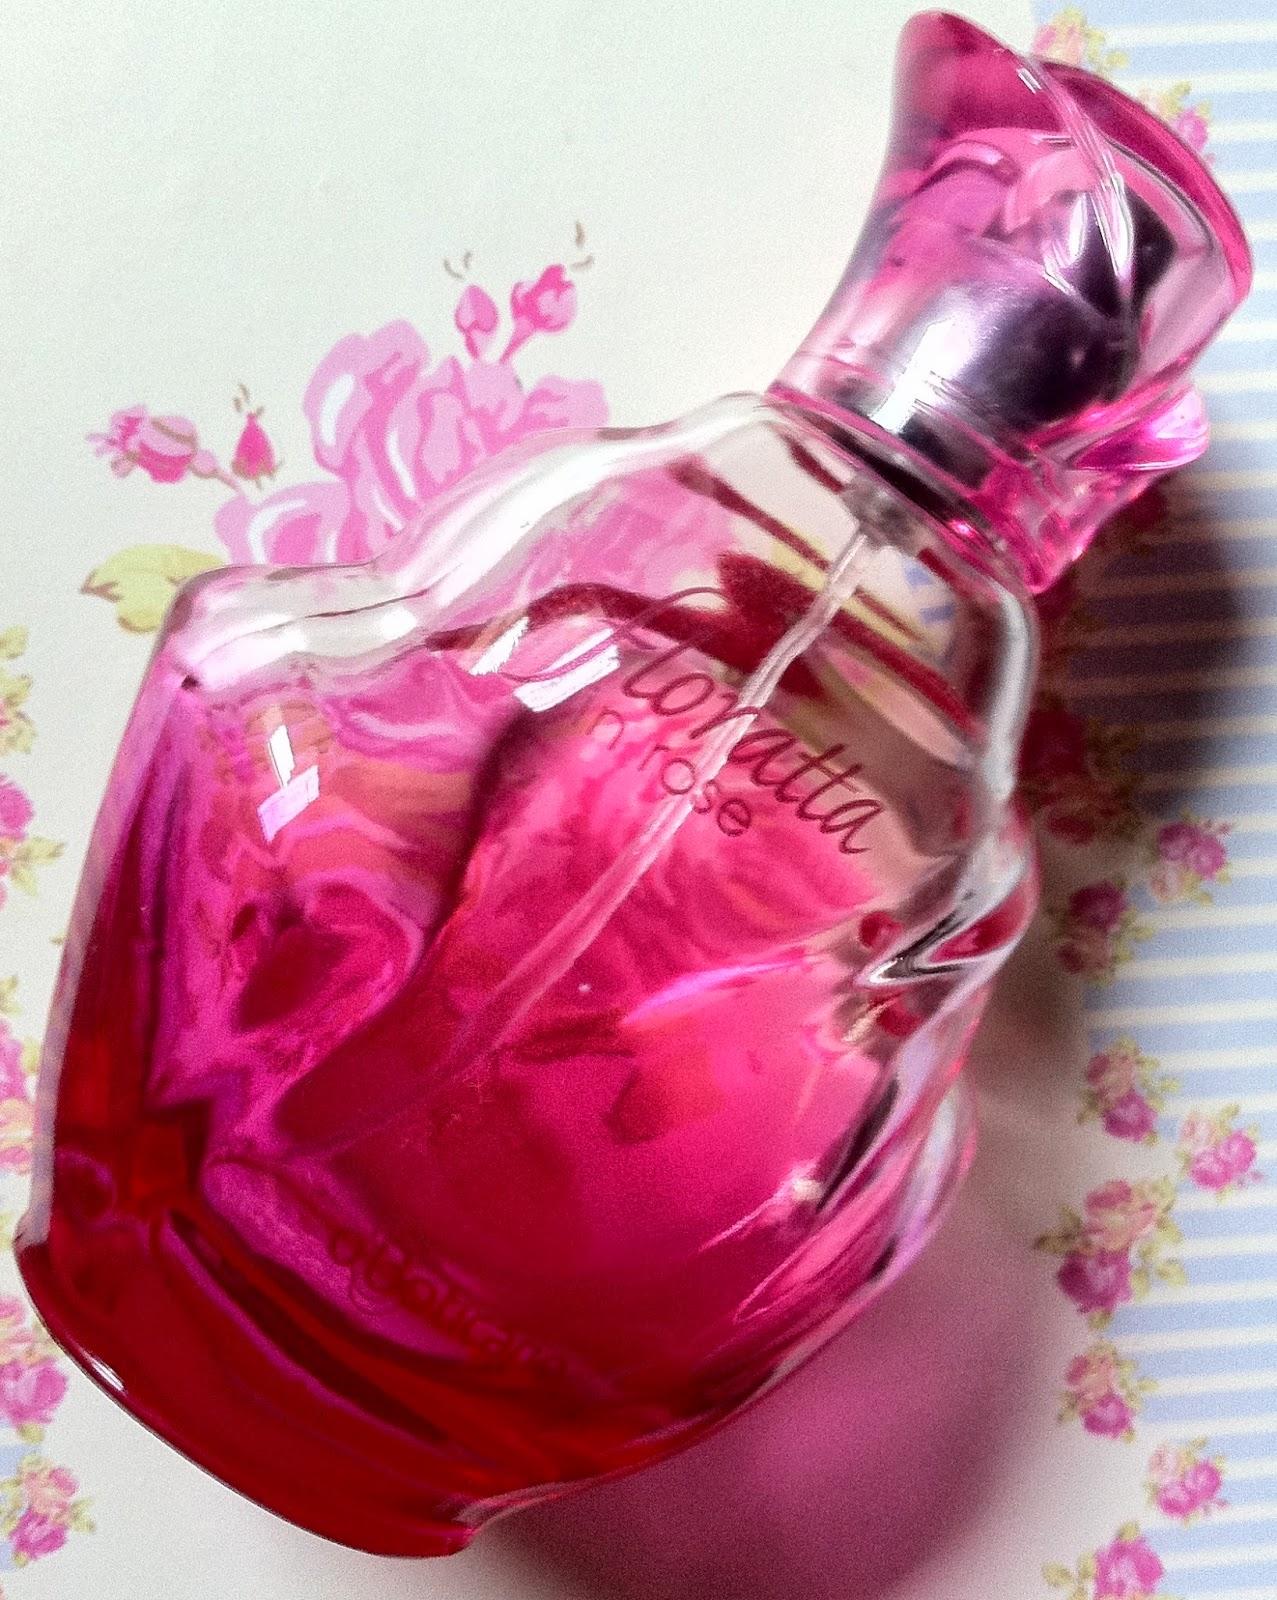 perfume o boticário floratta in rose favoritos do mês de setembro por pabline torrecilla